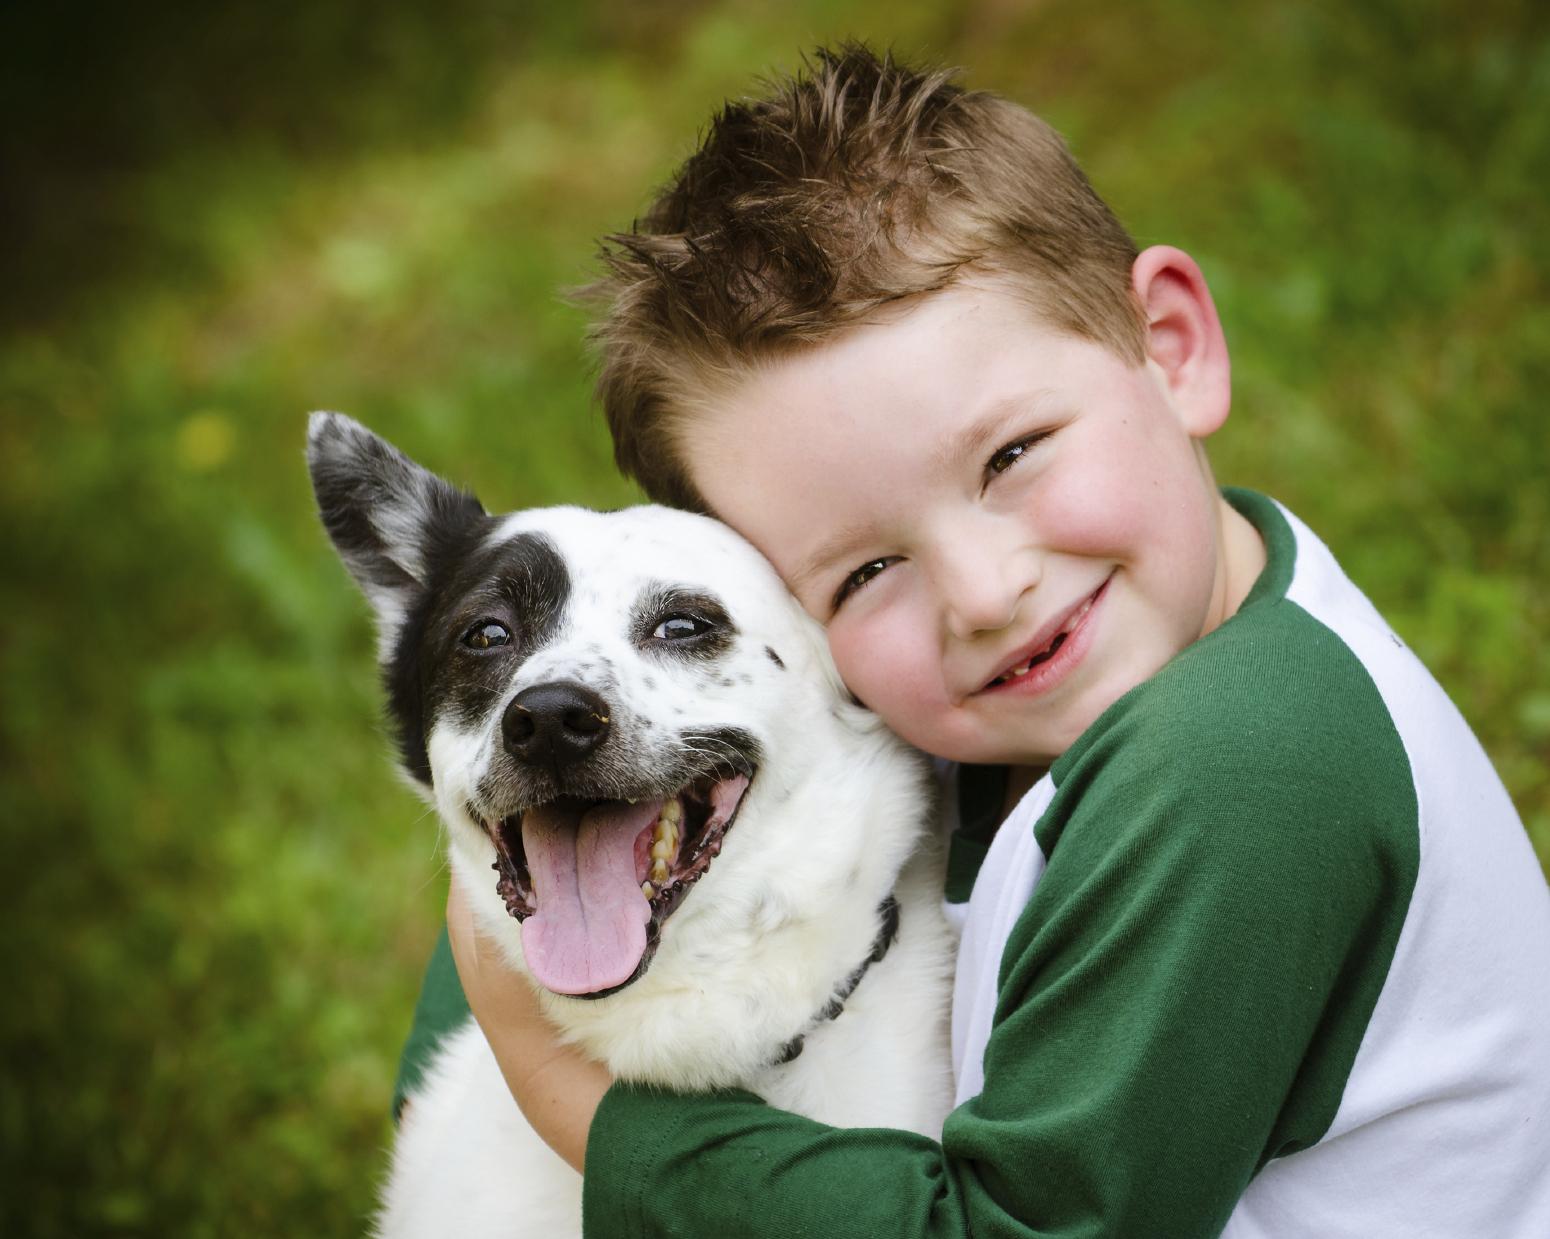 Child's best friend?